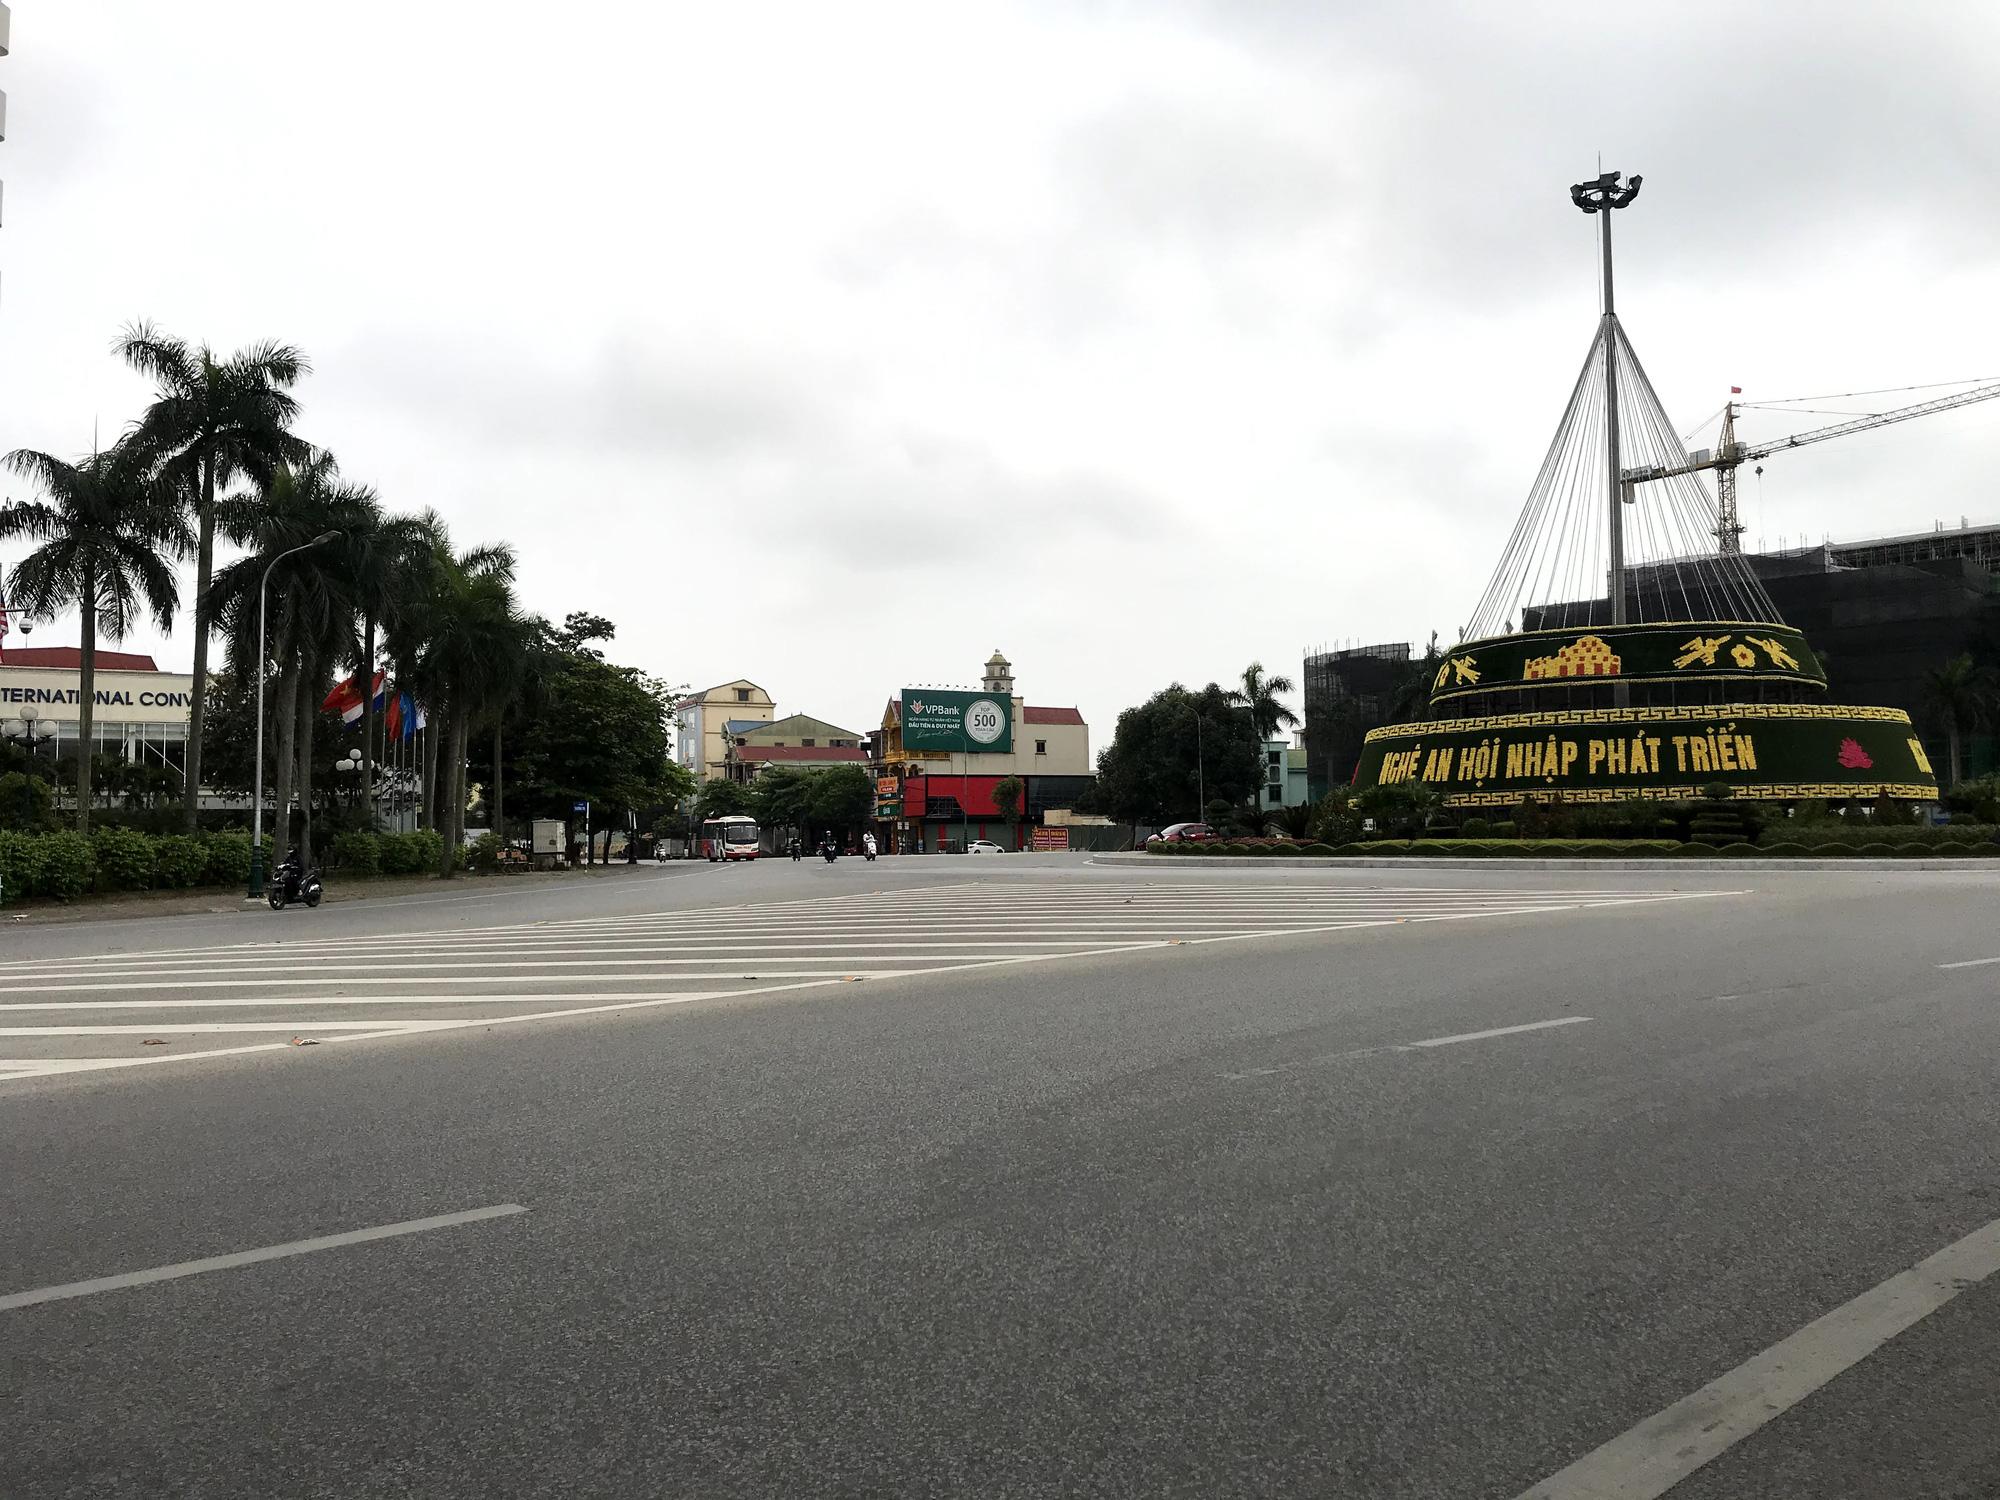 Dịch Covid-19 tại Nghệ An: Tiểu thương chợ Vinh ế ẩm, các cơ sở kinh doanh dịch vụ, giải trí đồng loạt đóng cửa - Ảnh 10.